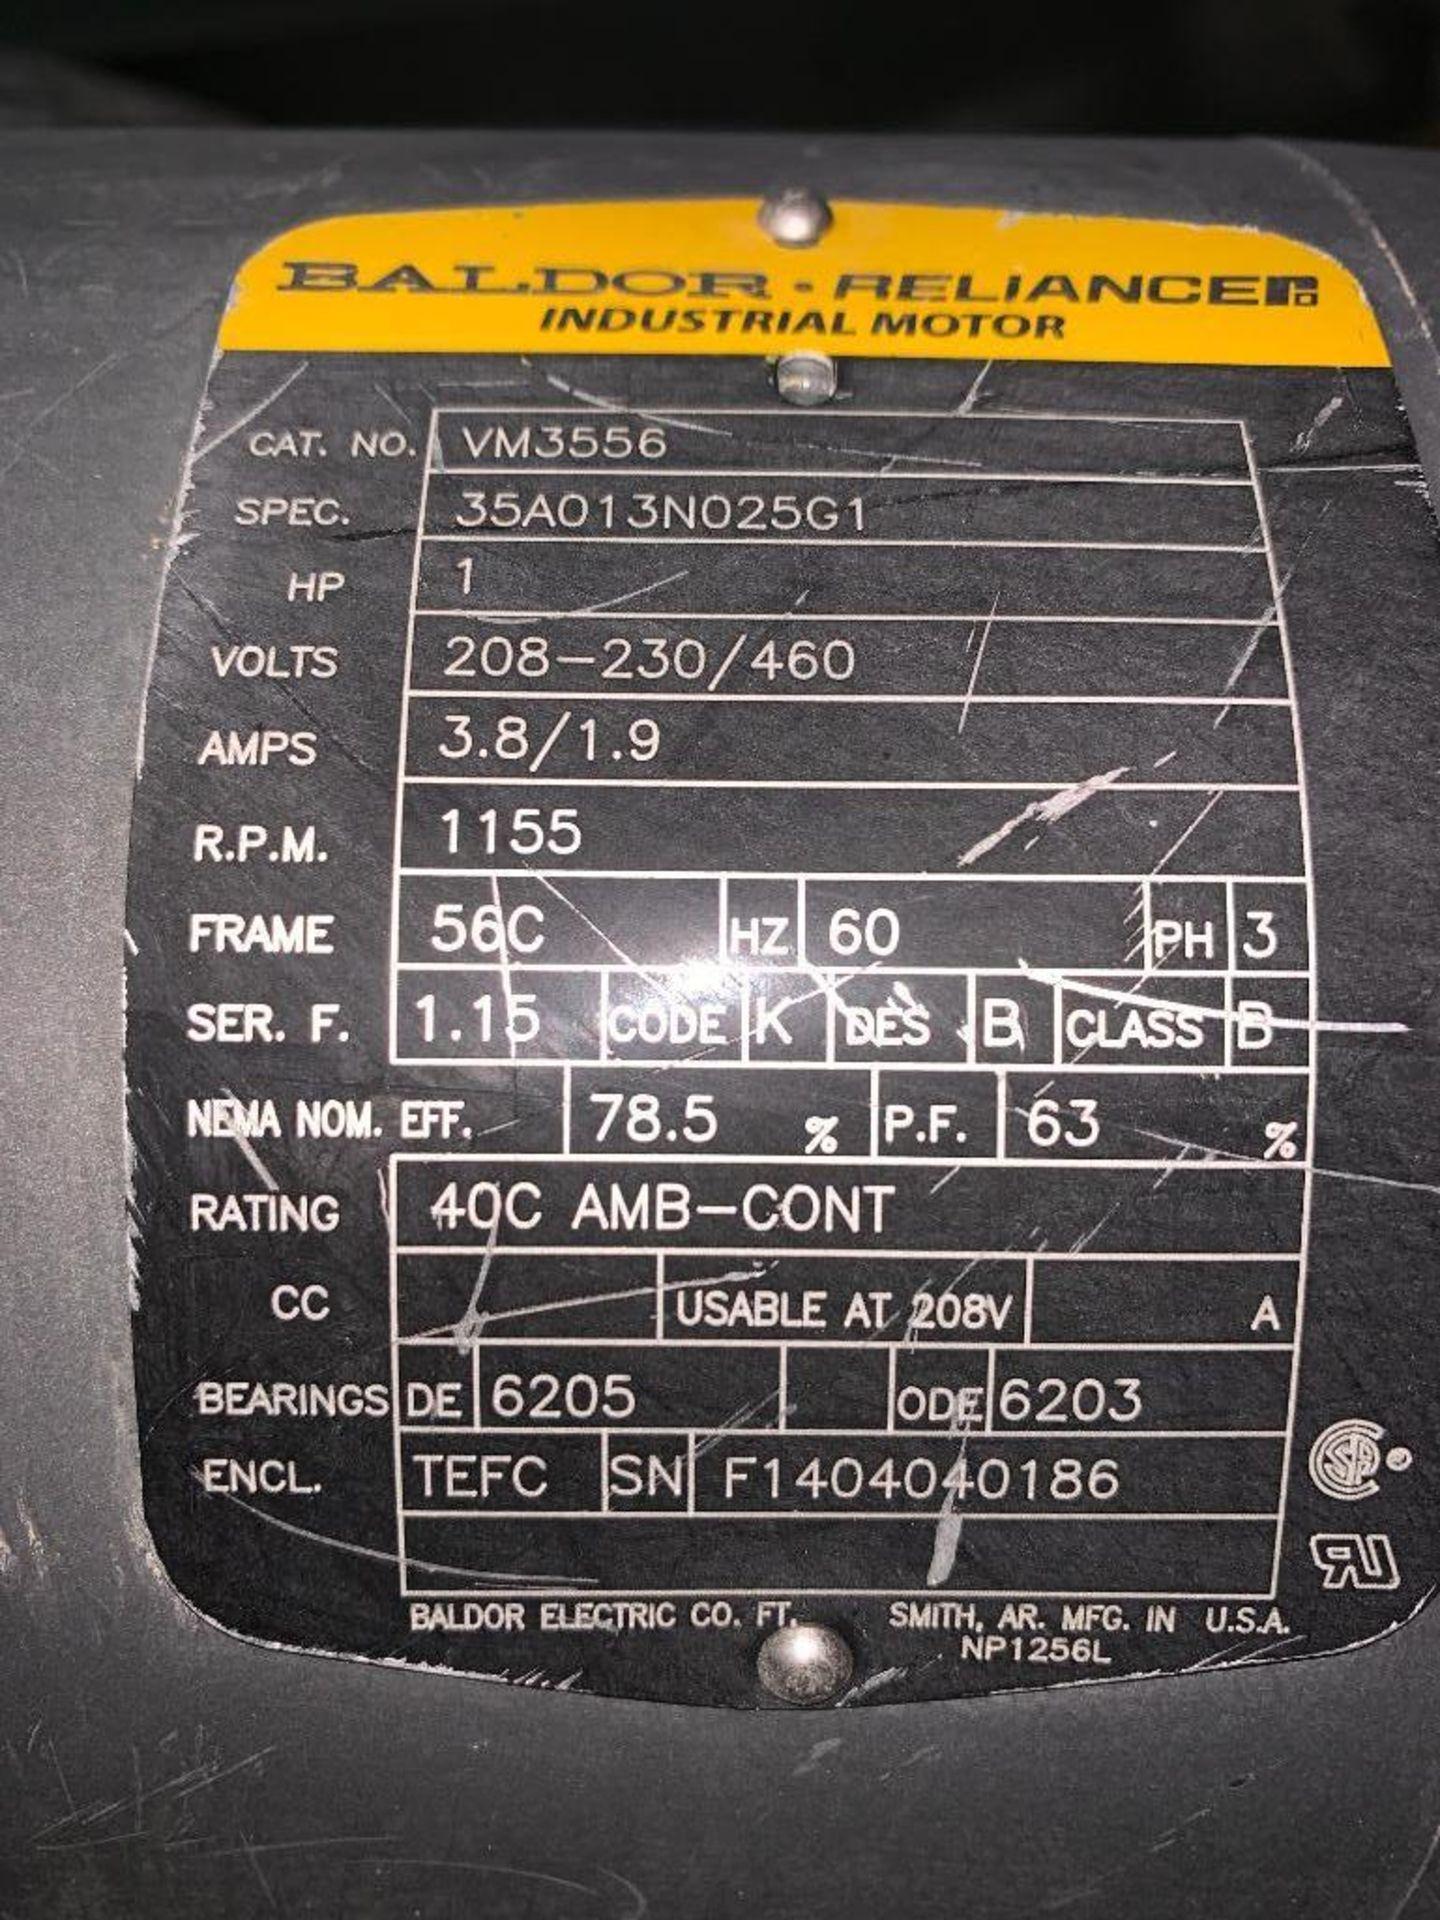 MAC mild steel dust collector - Image 2 of 9